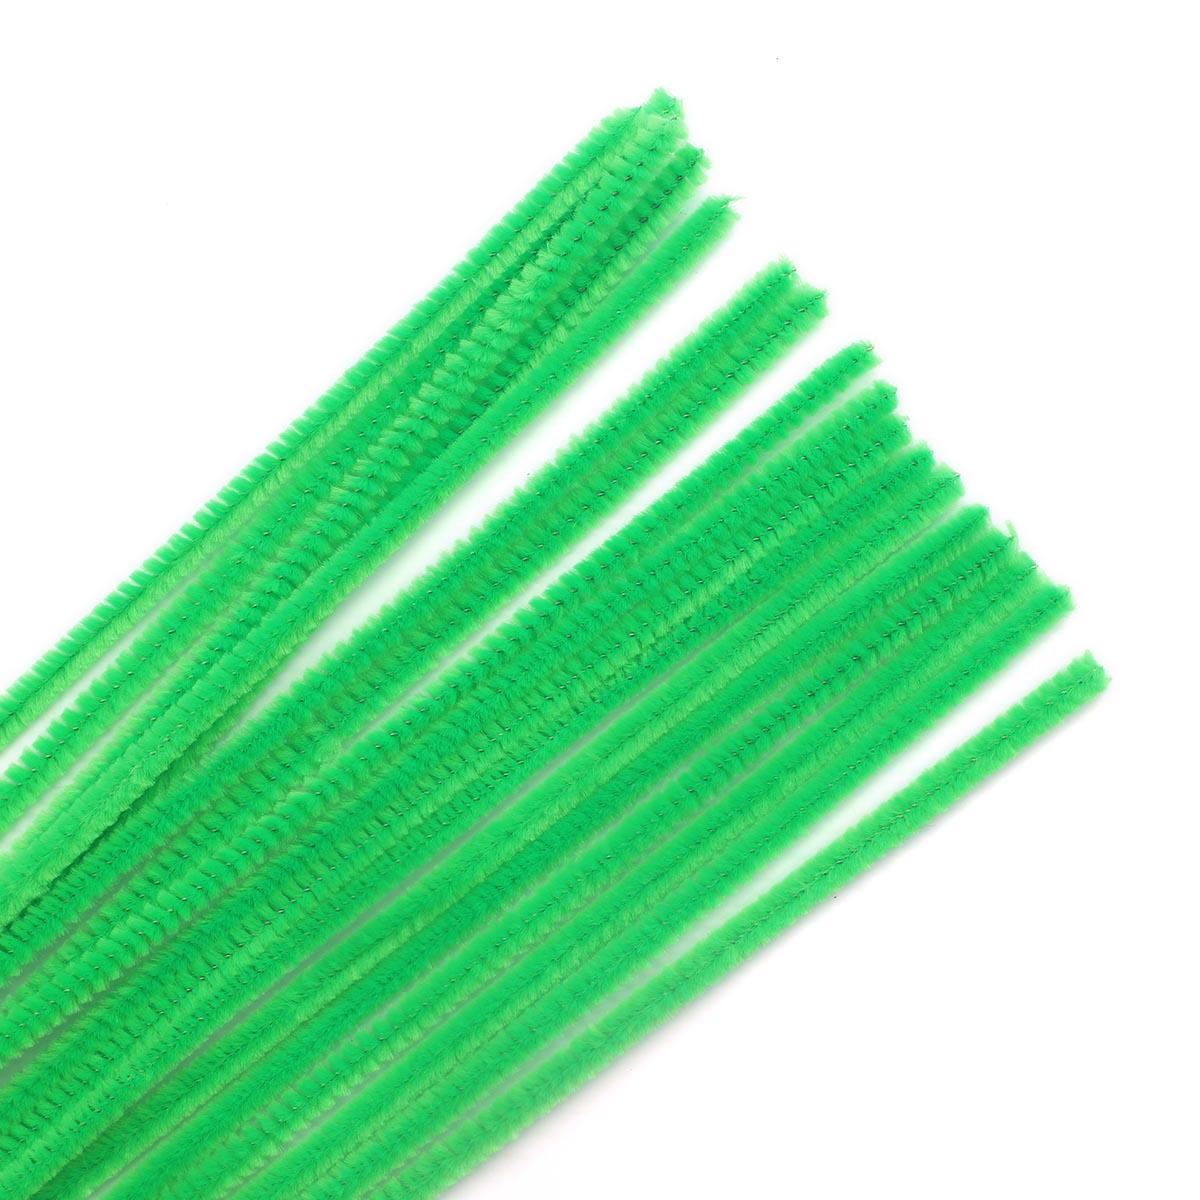 Синель-проволока, 6мм*30см, 30шт/упак, Астра (A-035 св.зеленый) фото